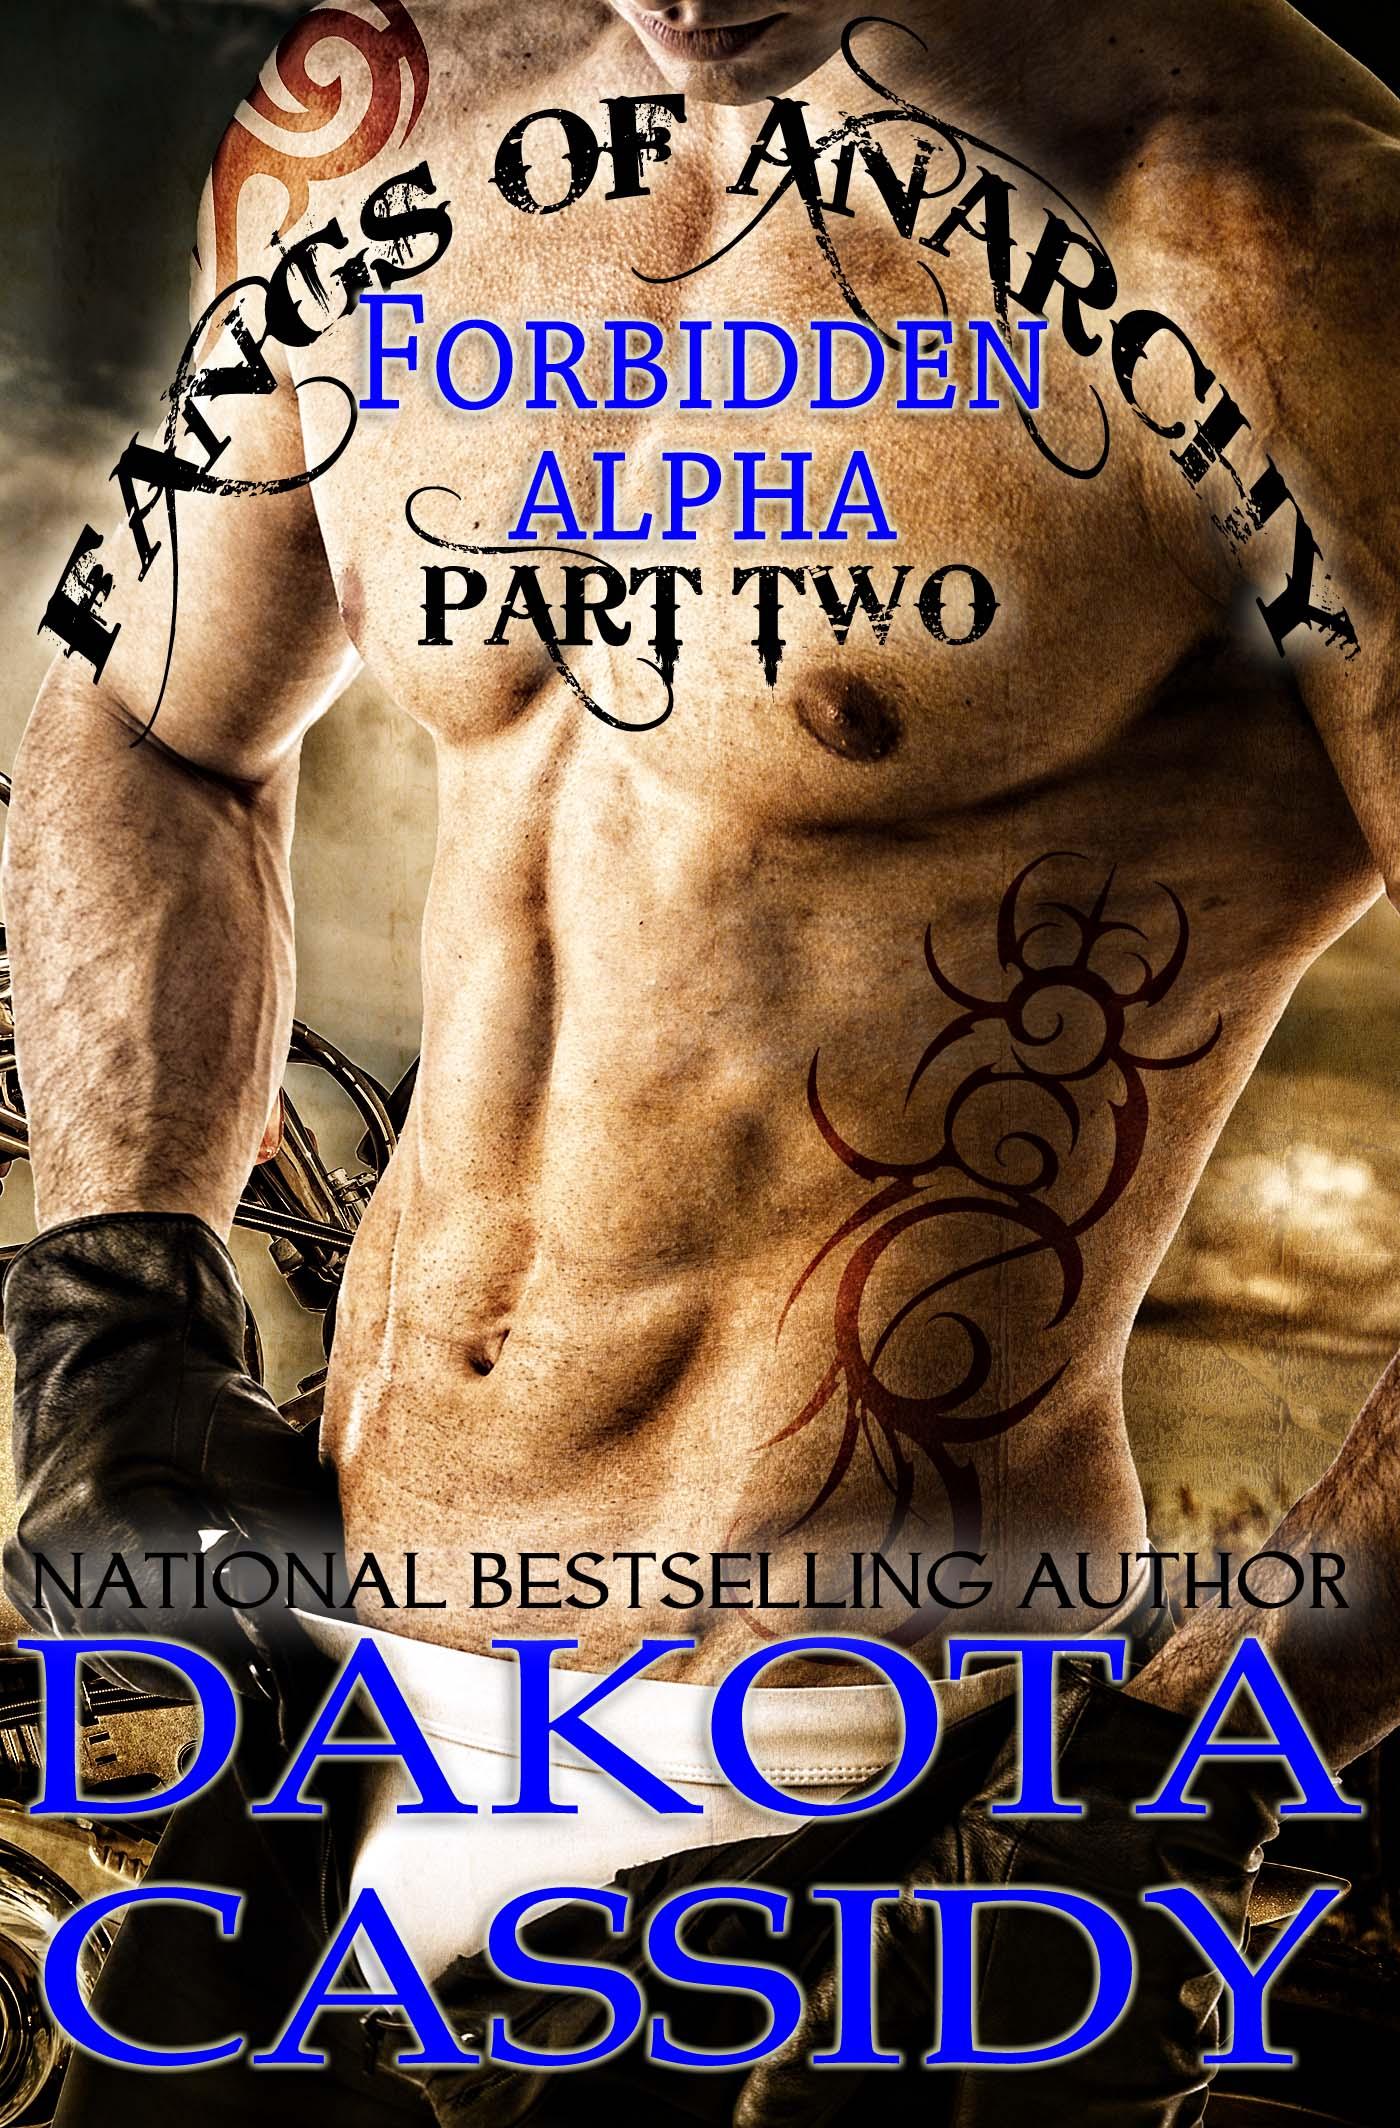 Dakota Cassidy - Fangs of Anarchy - Forbidden Alpha (Part 2) Girl Most Lycan